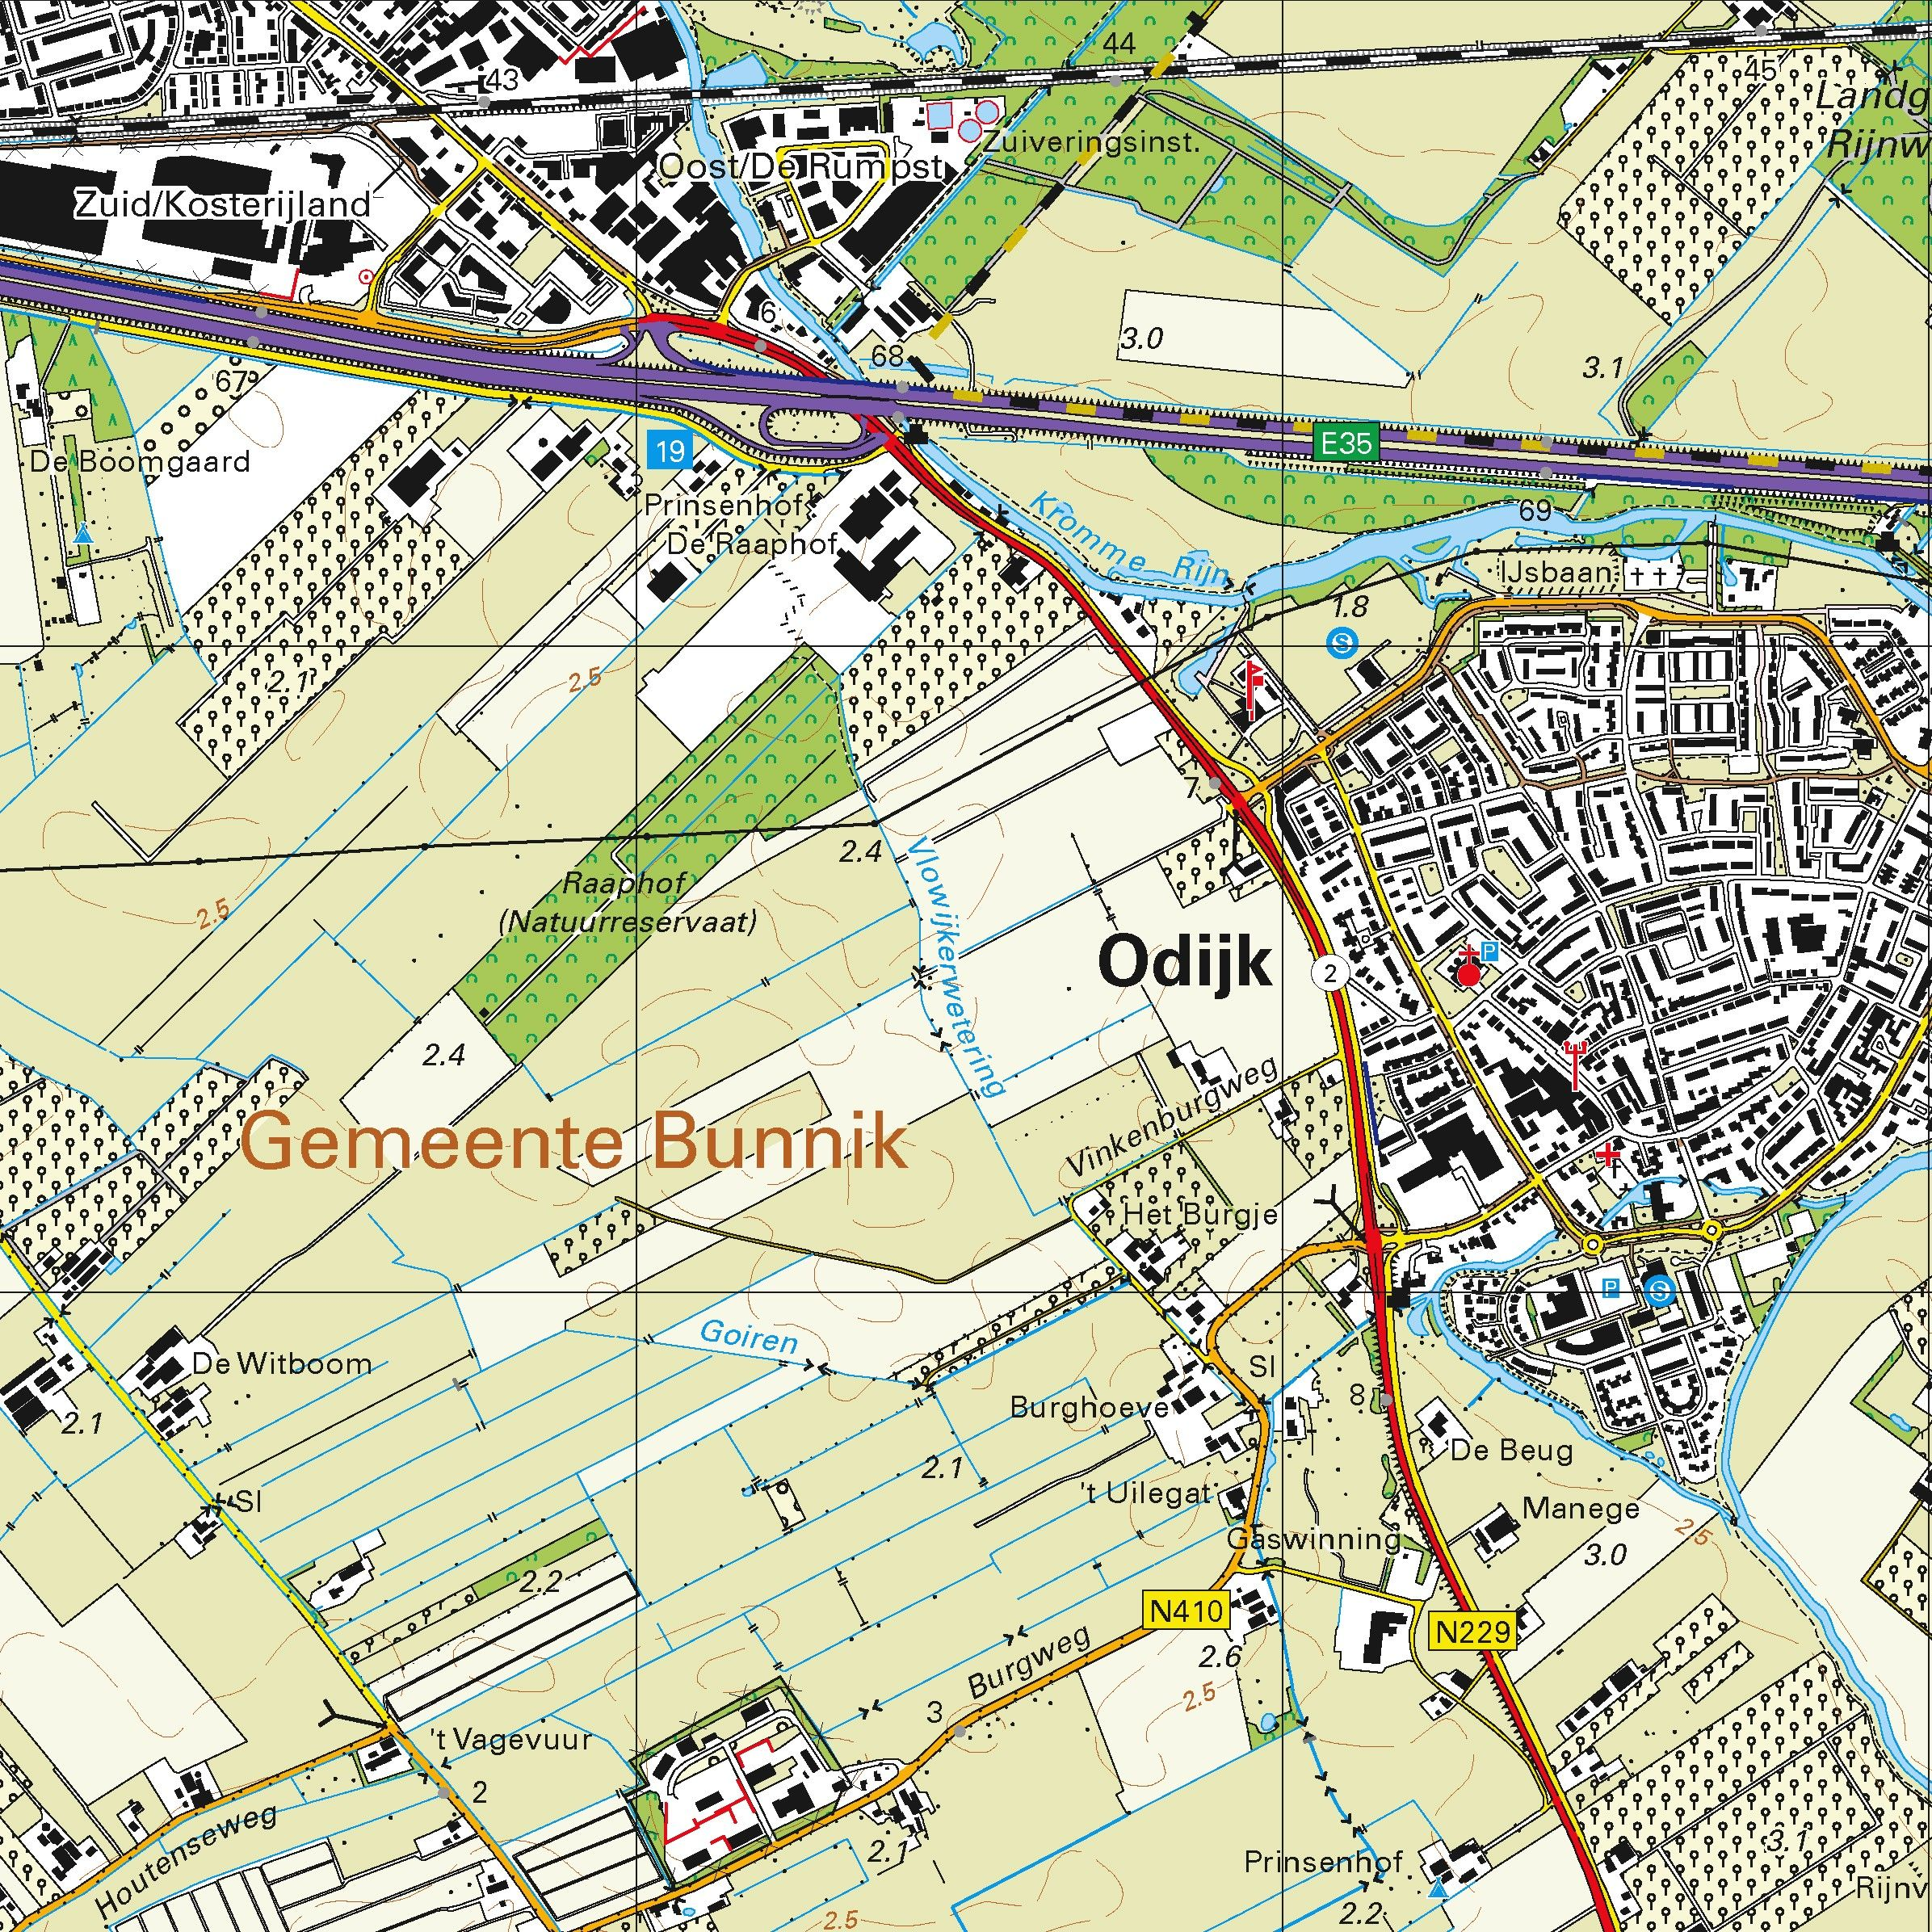 Topografische kaart schaal 1:25.000 (Bilthoven, Zeist, Soesterberg, Amersfoort, Houten, Utrecht, Culemborg)